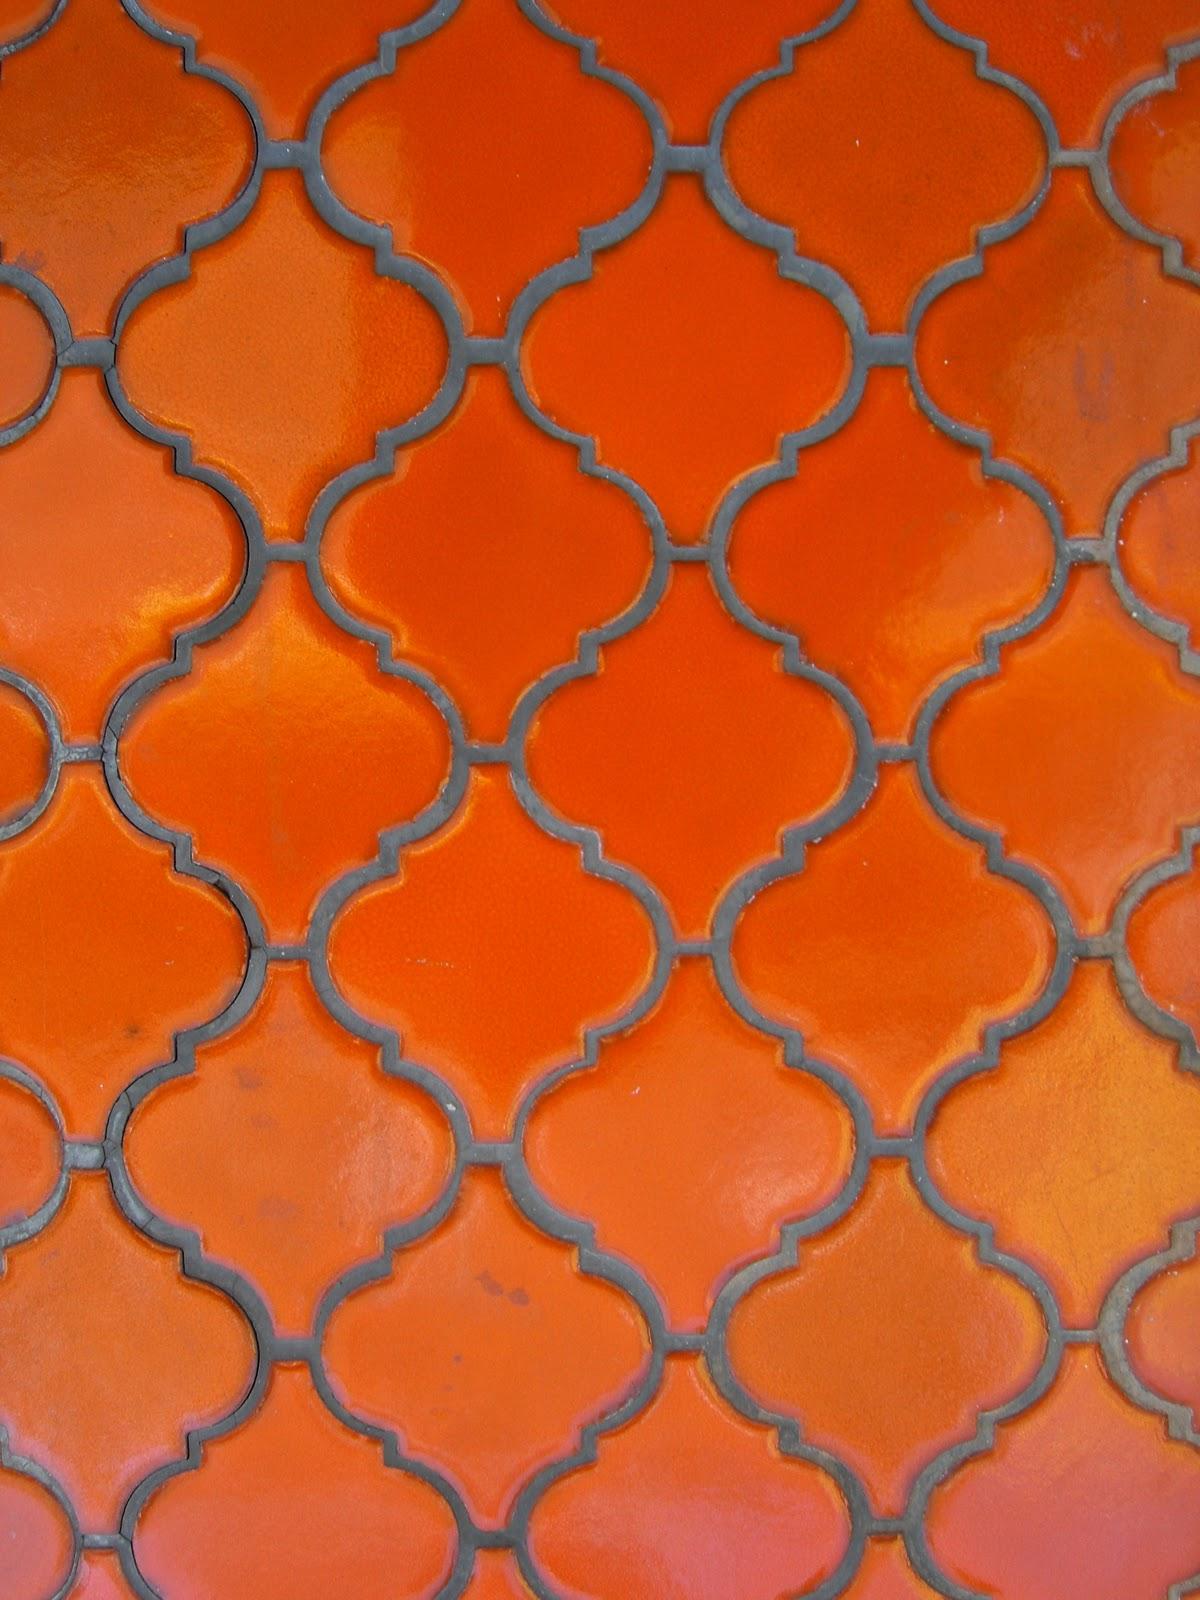 Delta Group H Q Orange Tiles